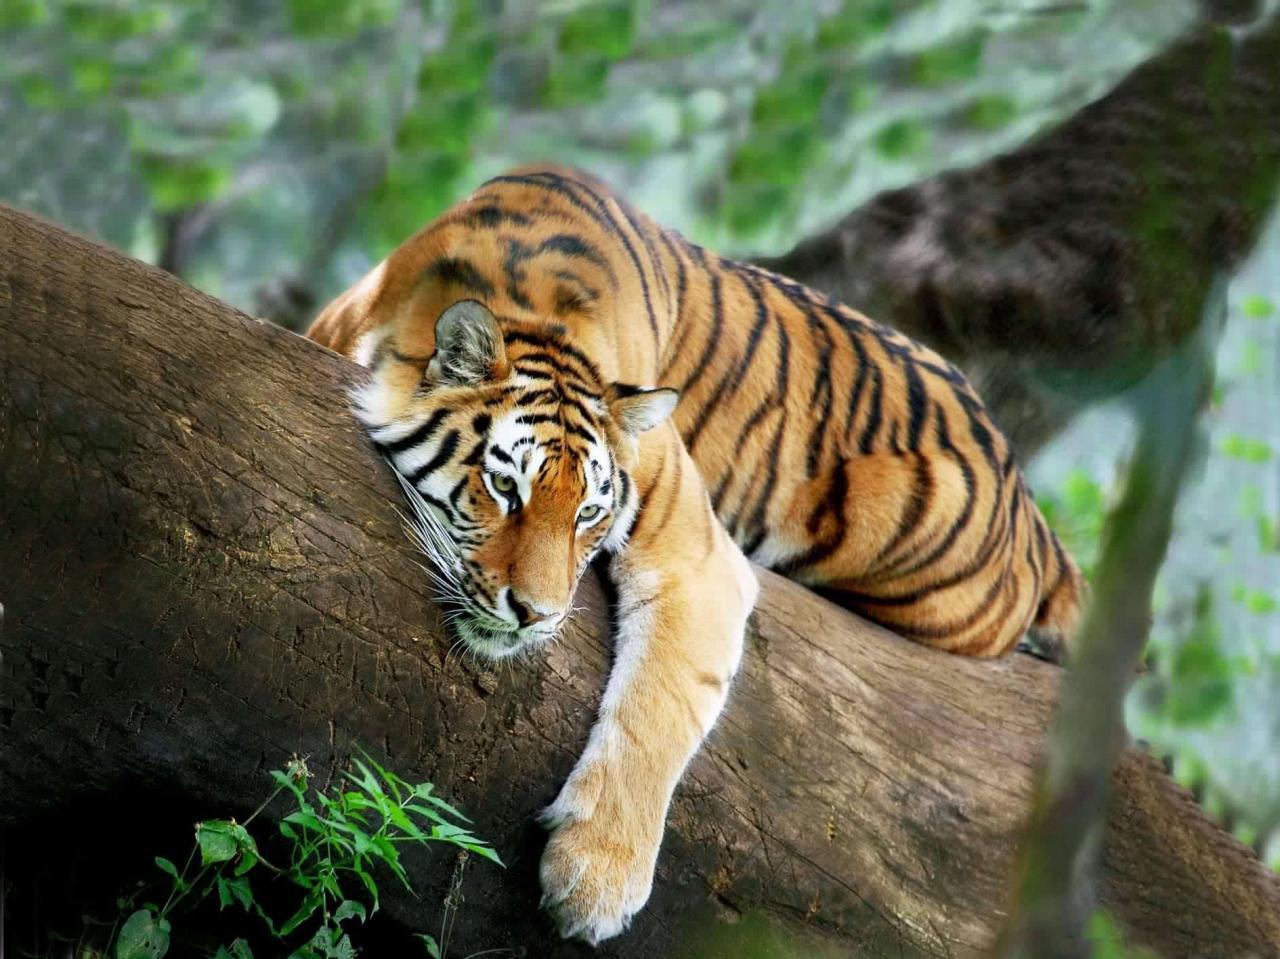 صور اجمل صور النمور , اشرس حيوان في الغابات